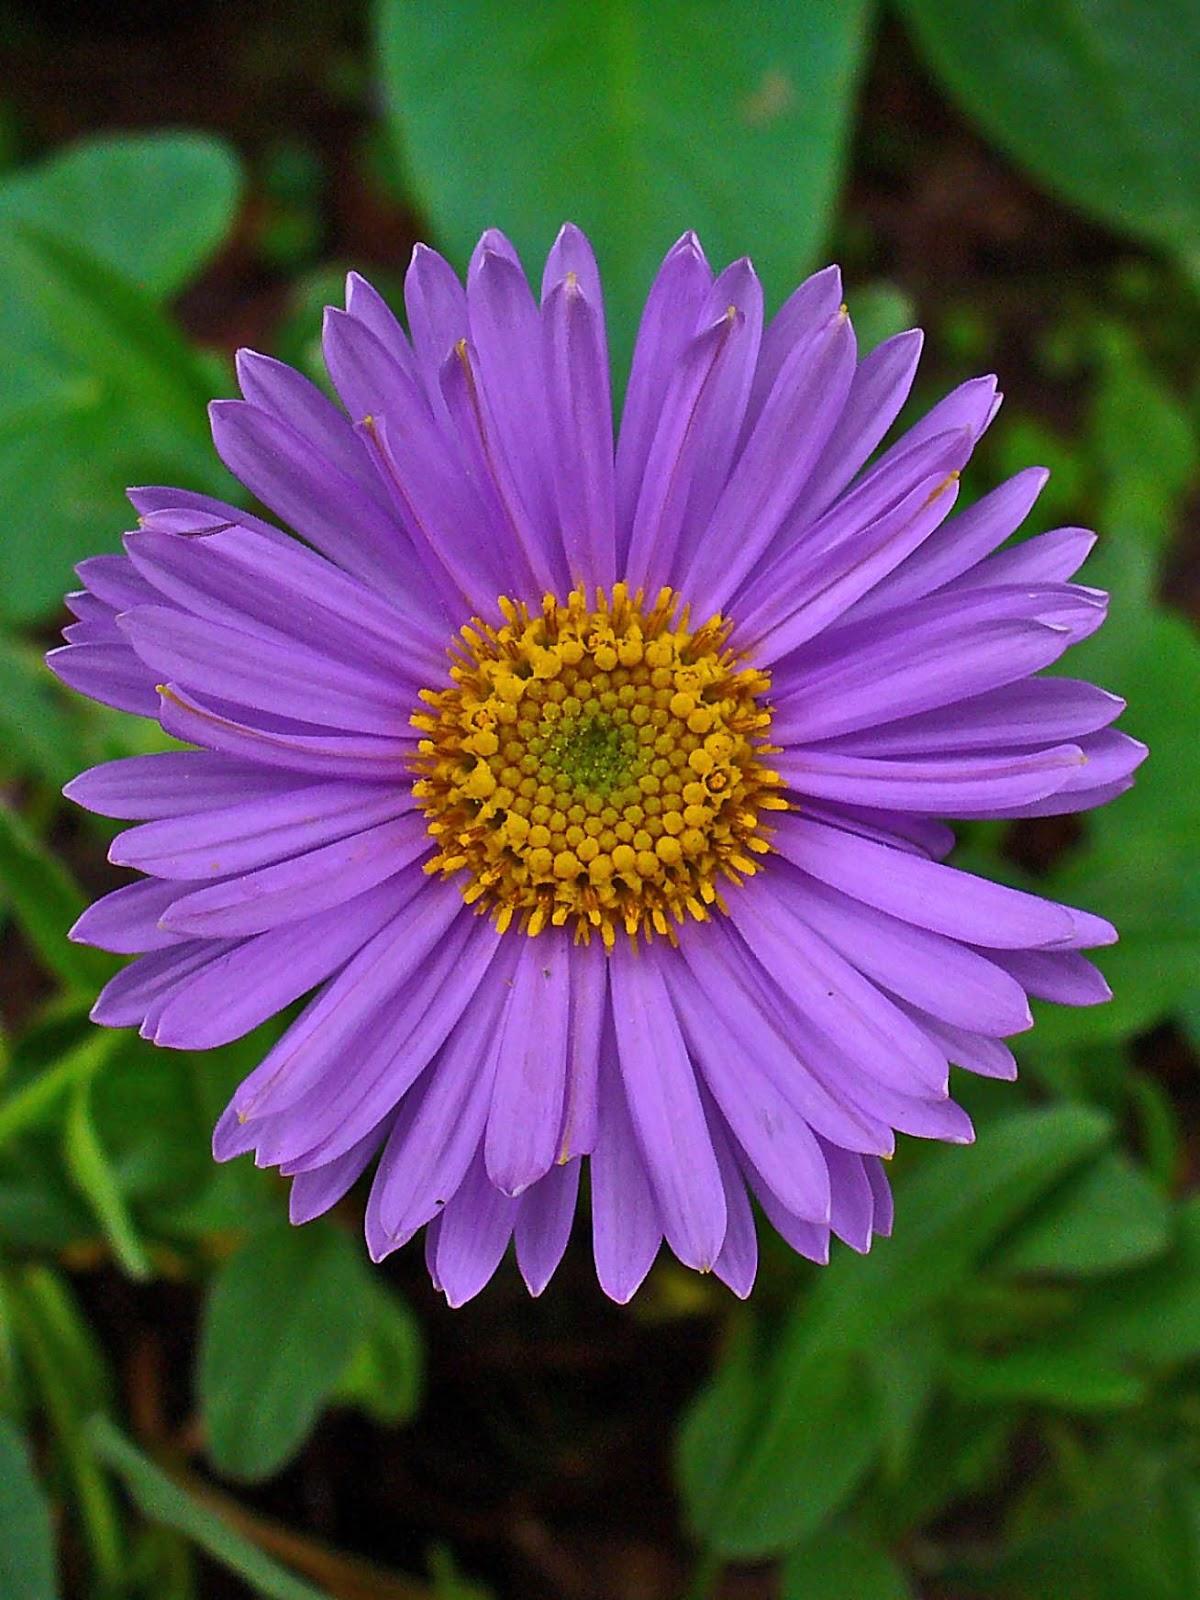 W & W Nursery & Landscaping 9 Easy Summer Flowers